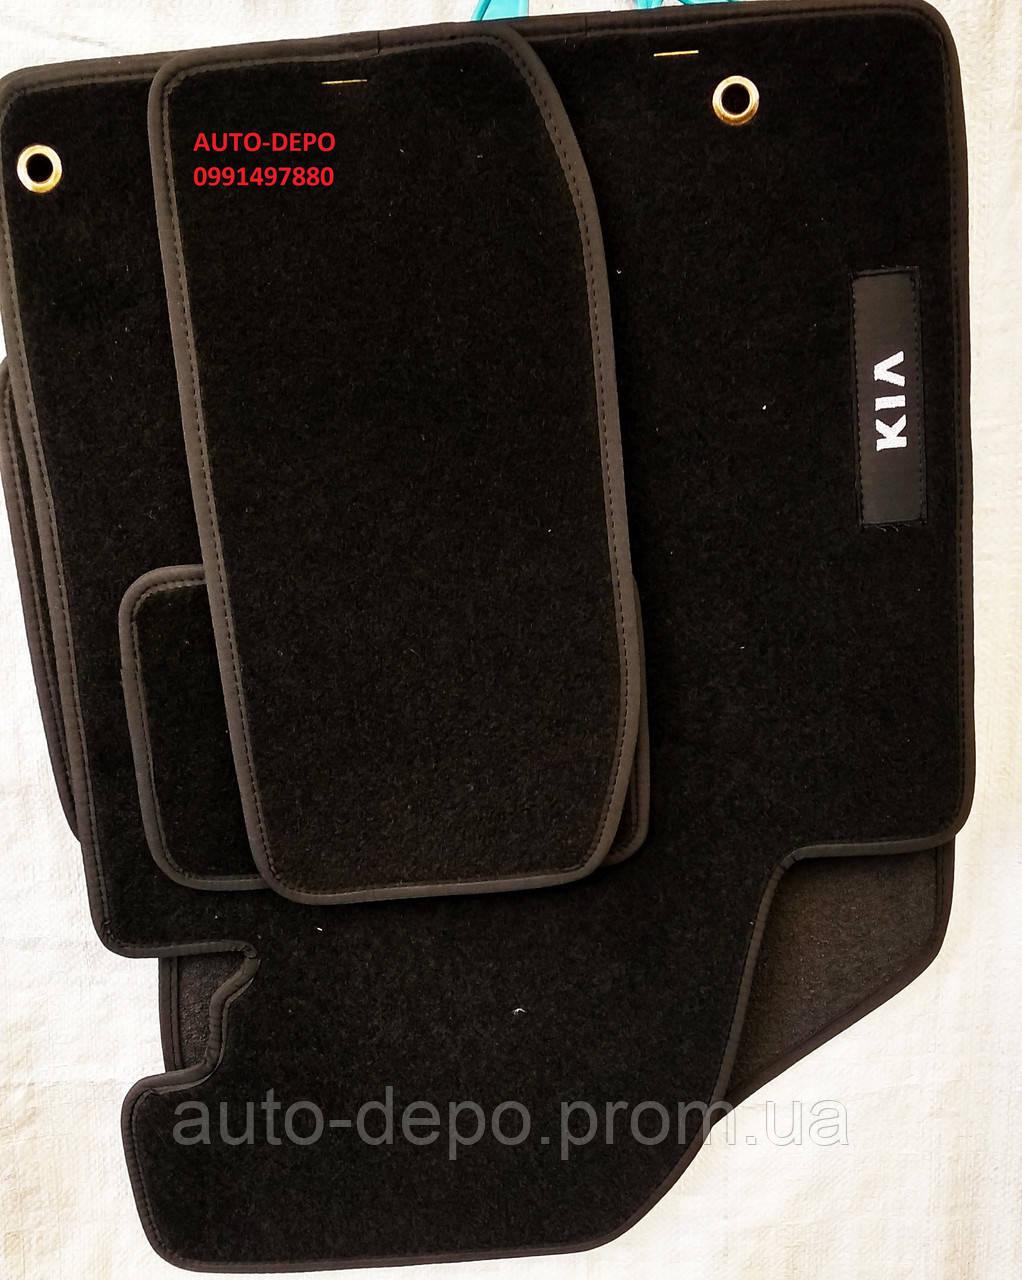 Ворсовые автомобильные коврики Kia Soul 2009- CIAC GRAN